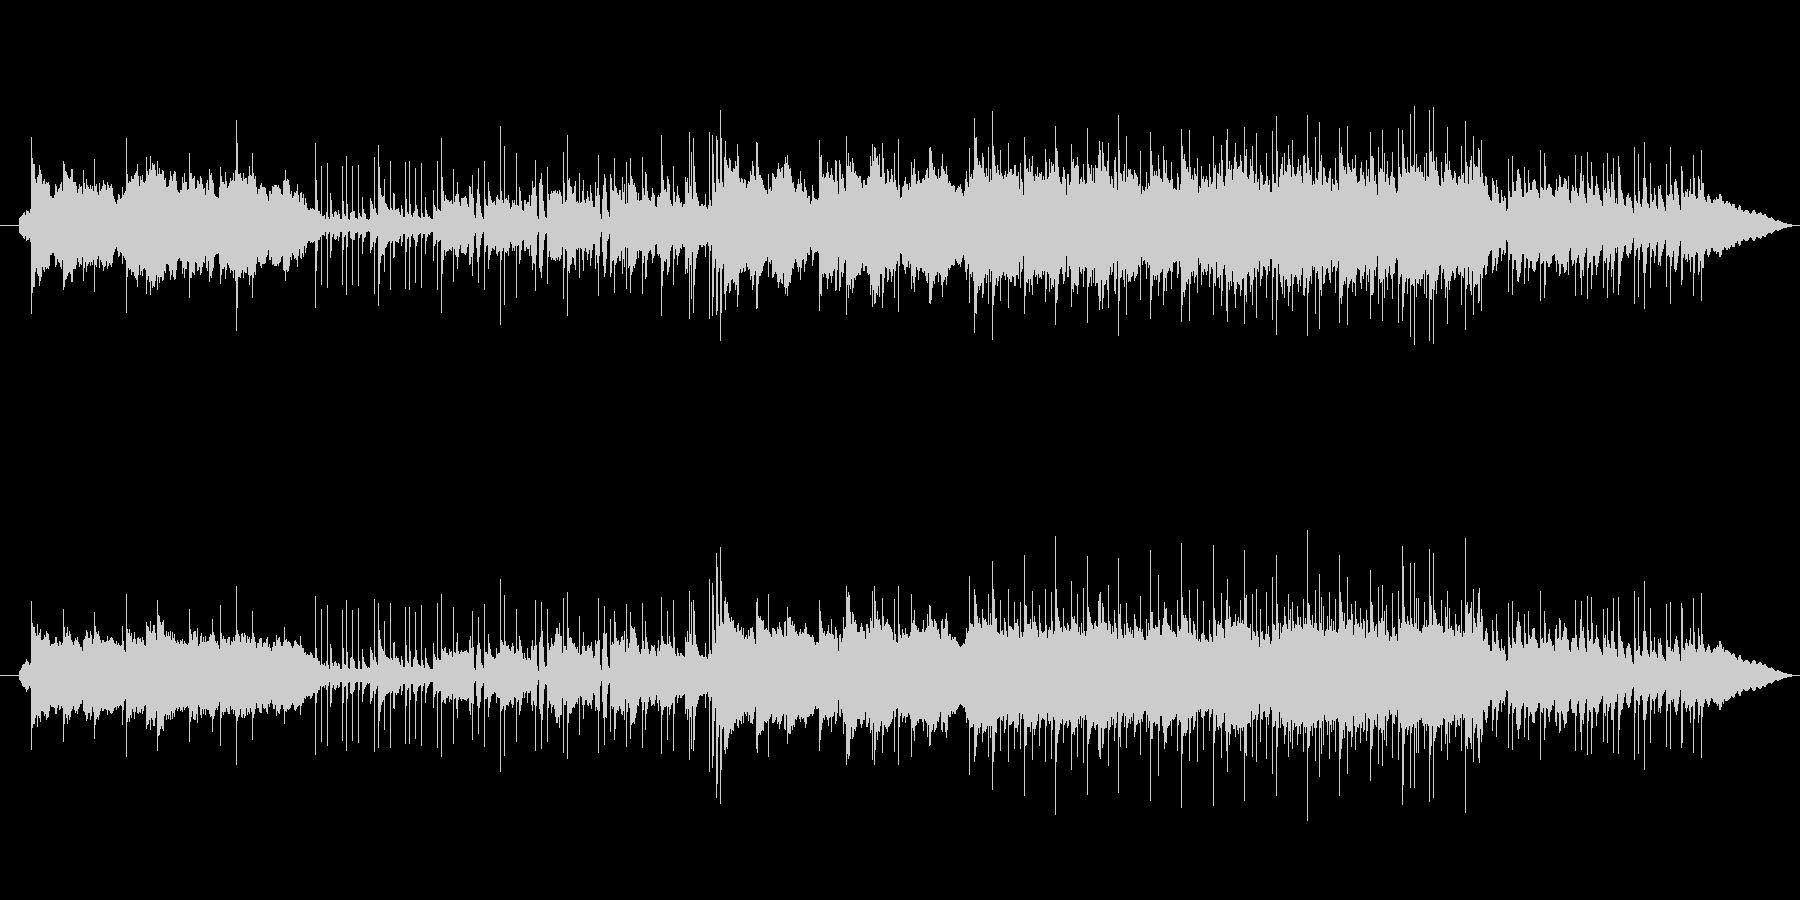 和風切ないバラードインストBGMの未再生の波形